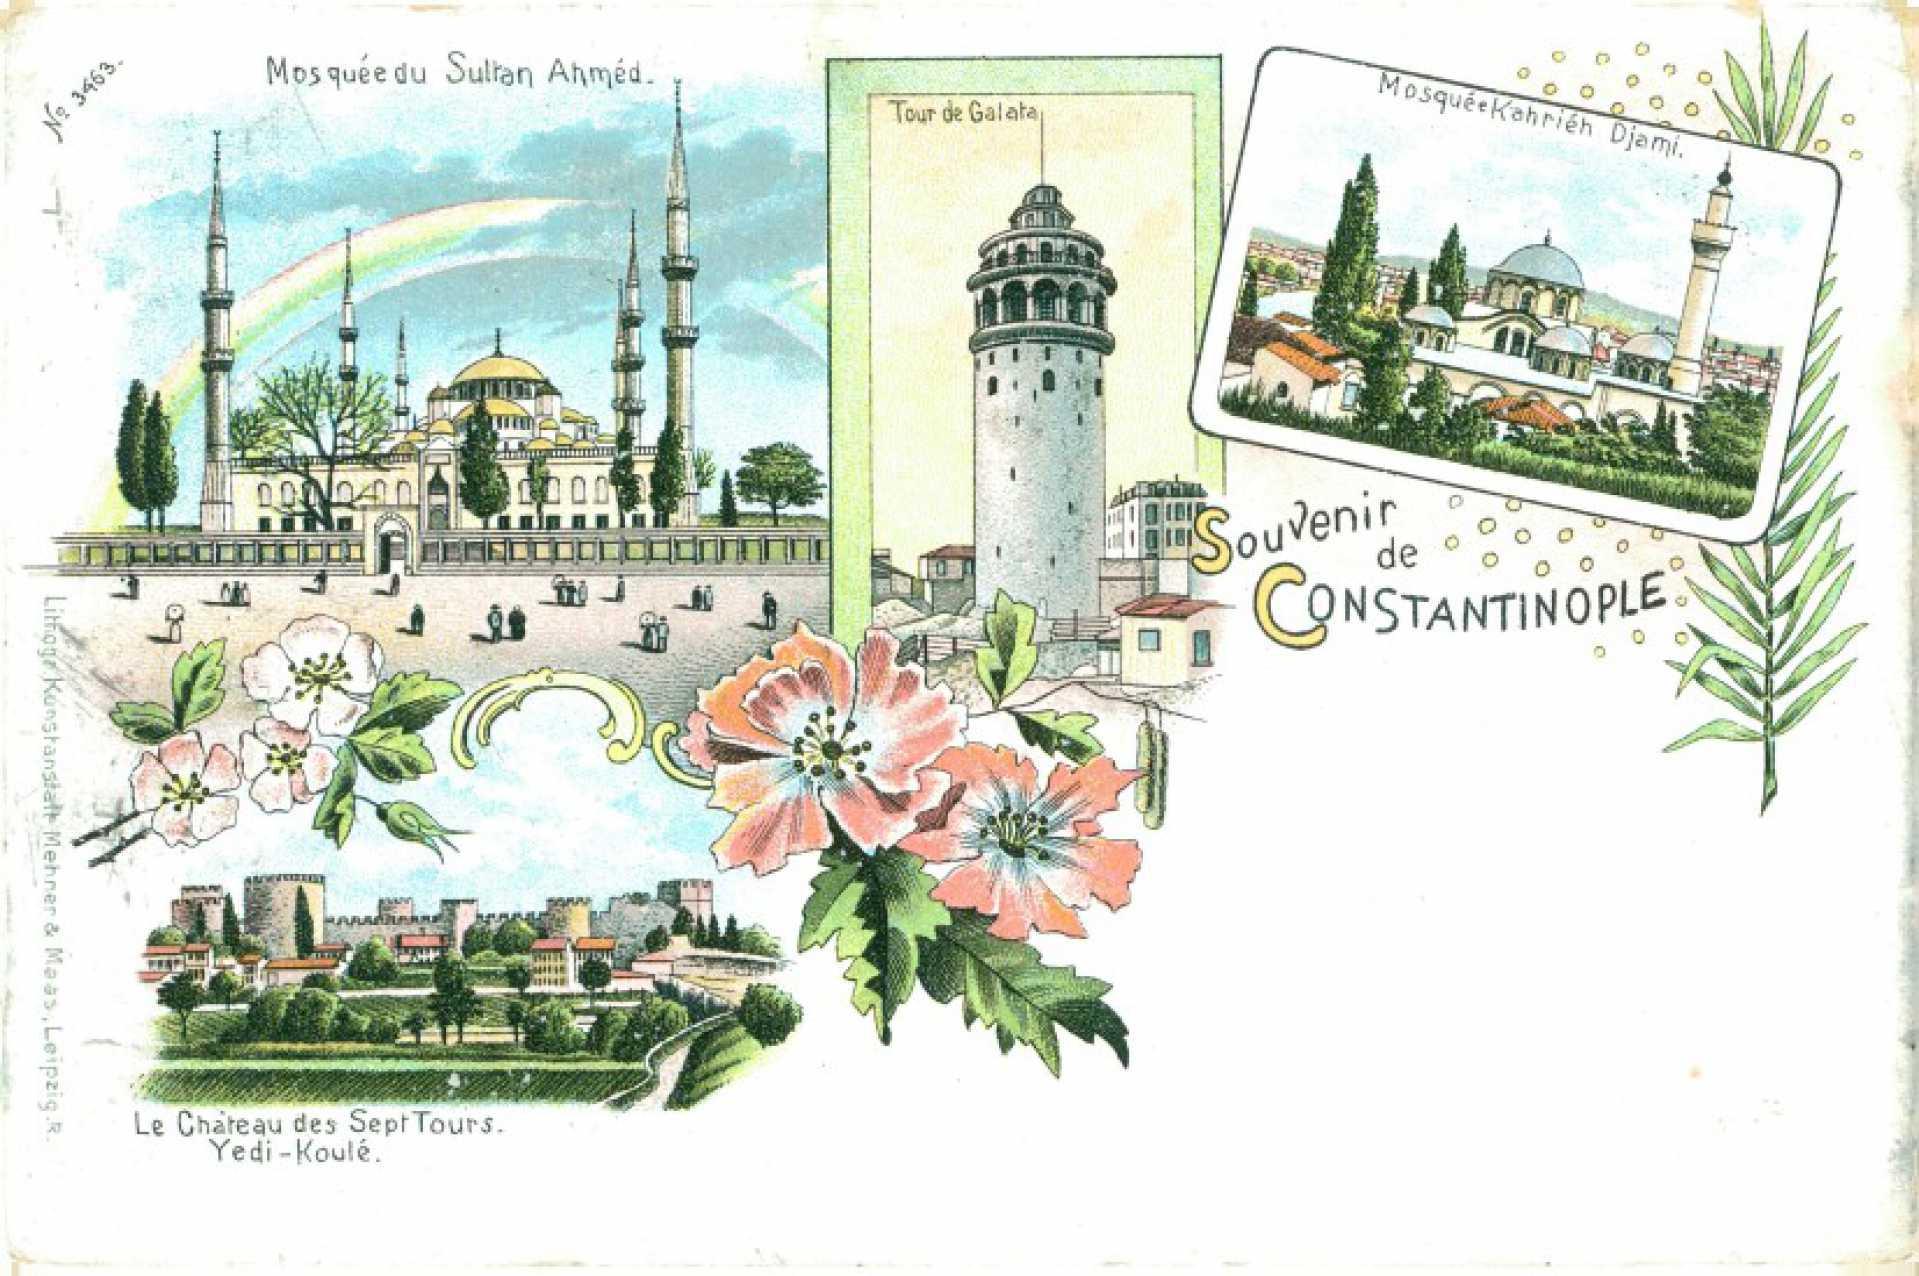 Souvenir de Constantinople. Mosquee du Sultan Ahmet  Tour de Galata  Mosquee Kahrier Djami  Le Chateau des Sept Tours Yedi – Koule